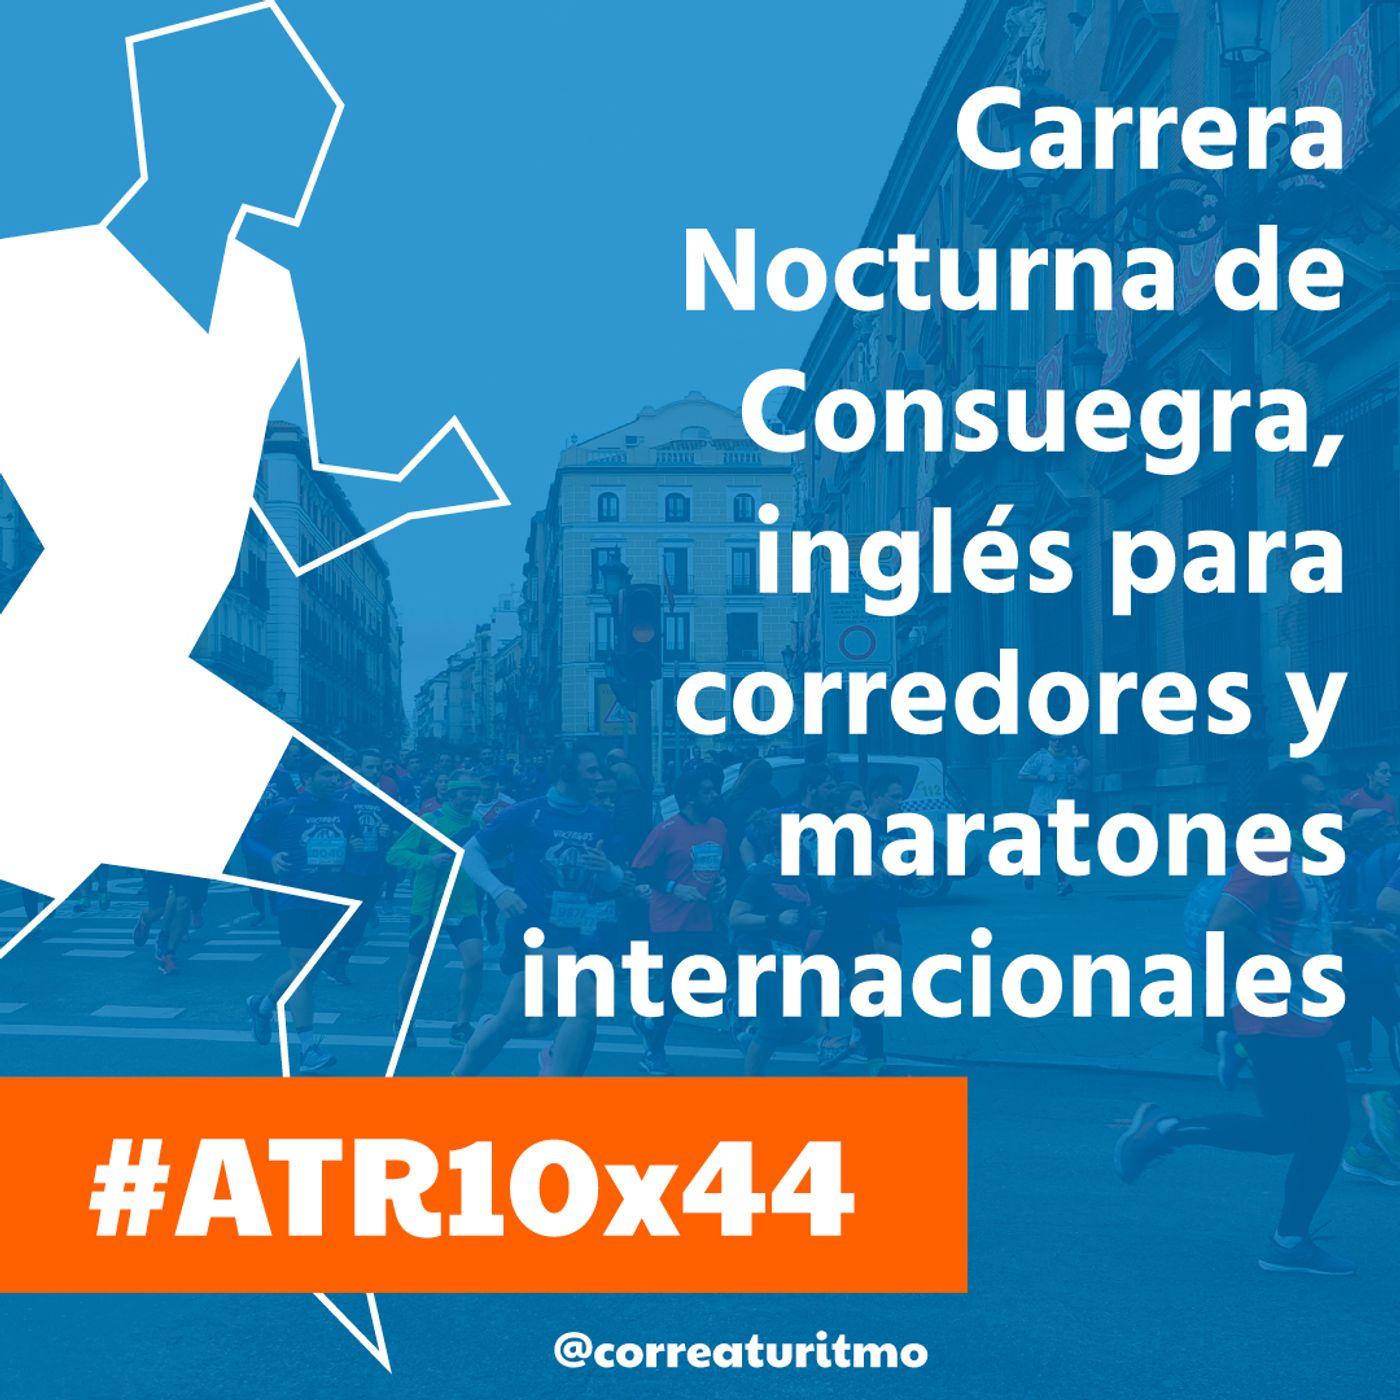 ATR 10x44 - Carrera Nocturna de Consuegra, inglés para corredores y maratones internacionales de otoño